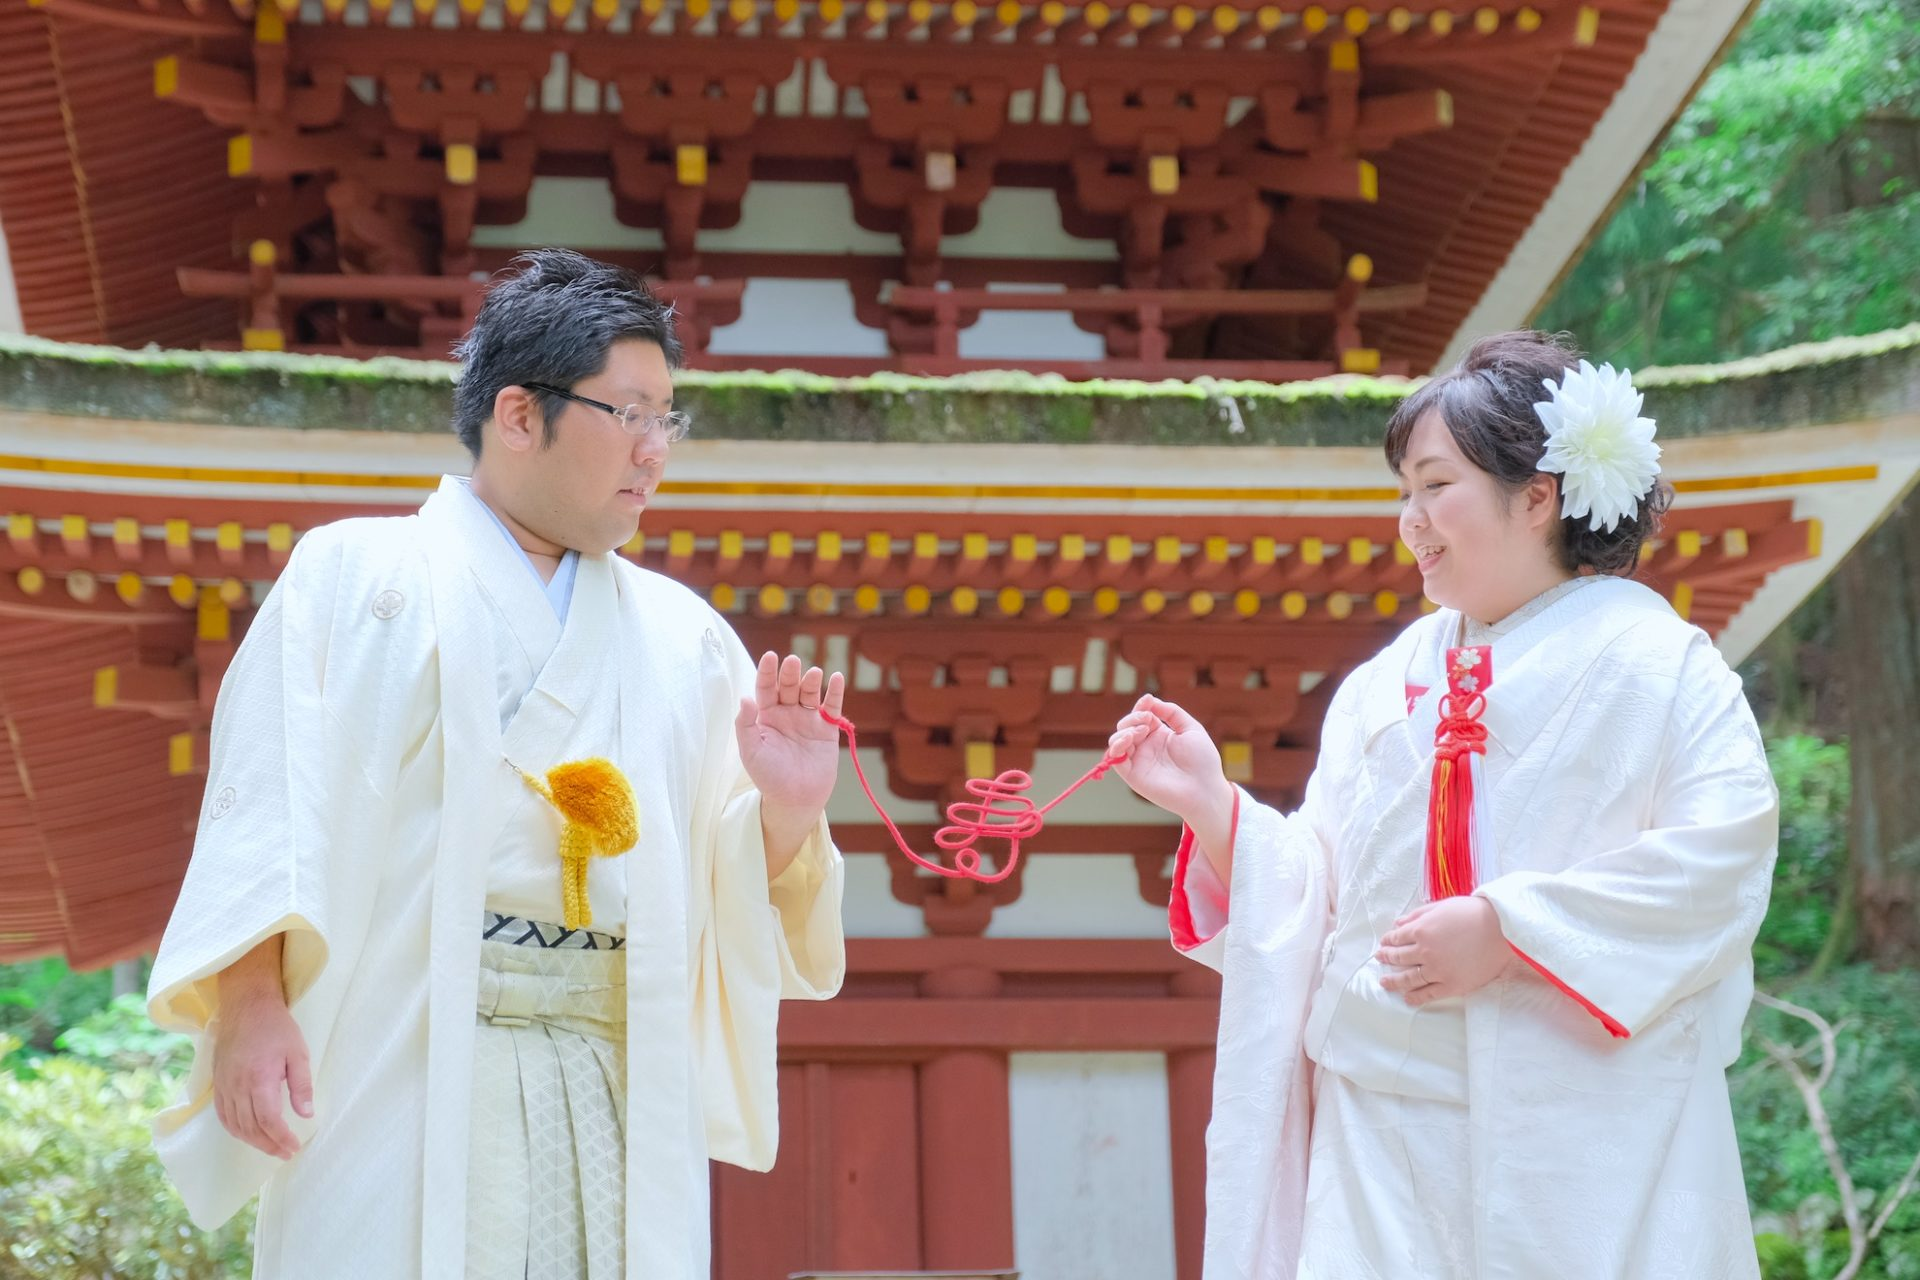 奈良の室生寺での和装前撮り